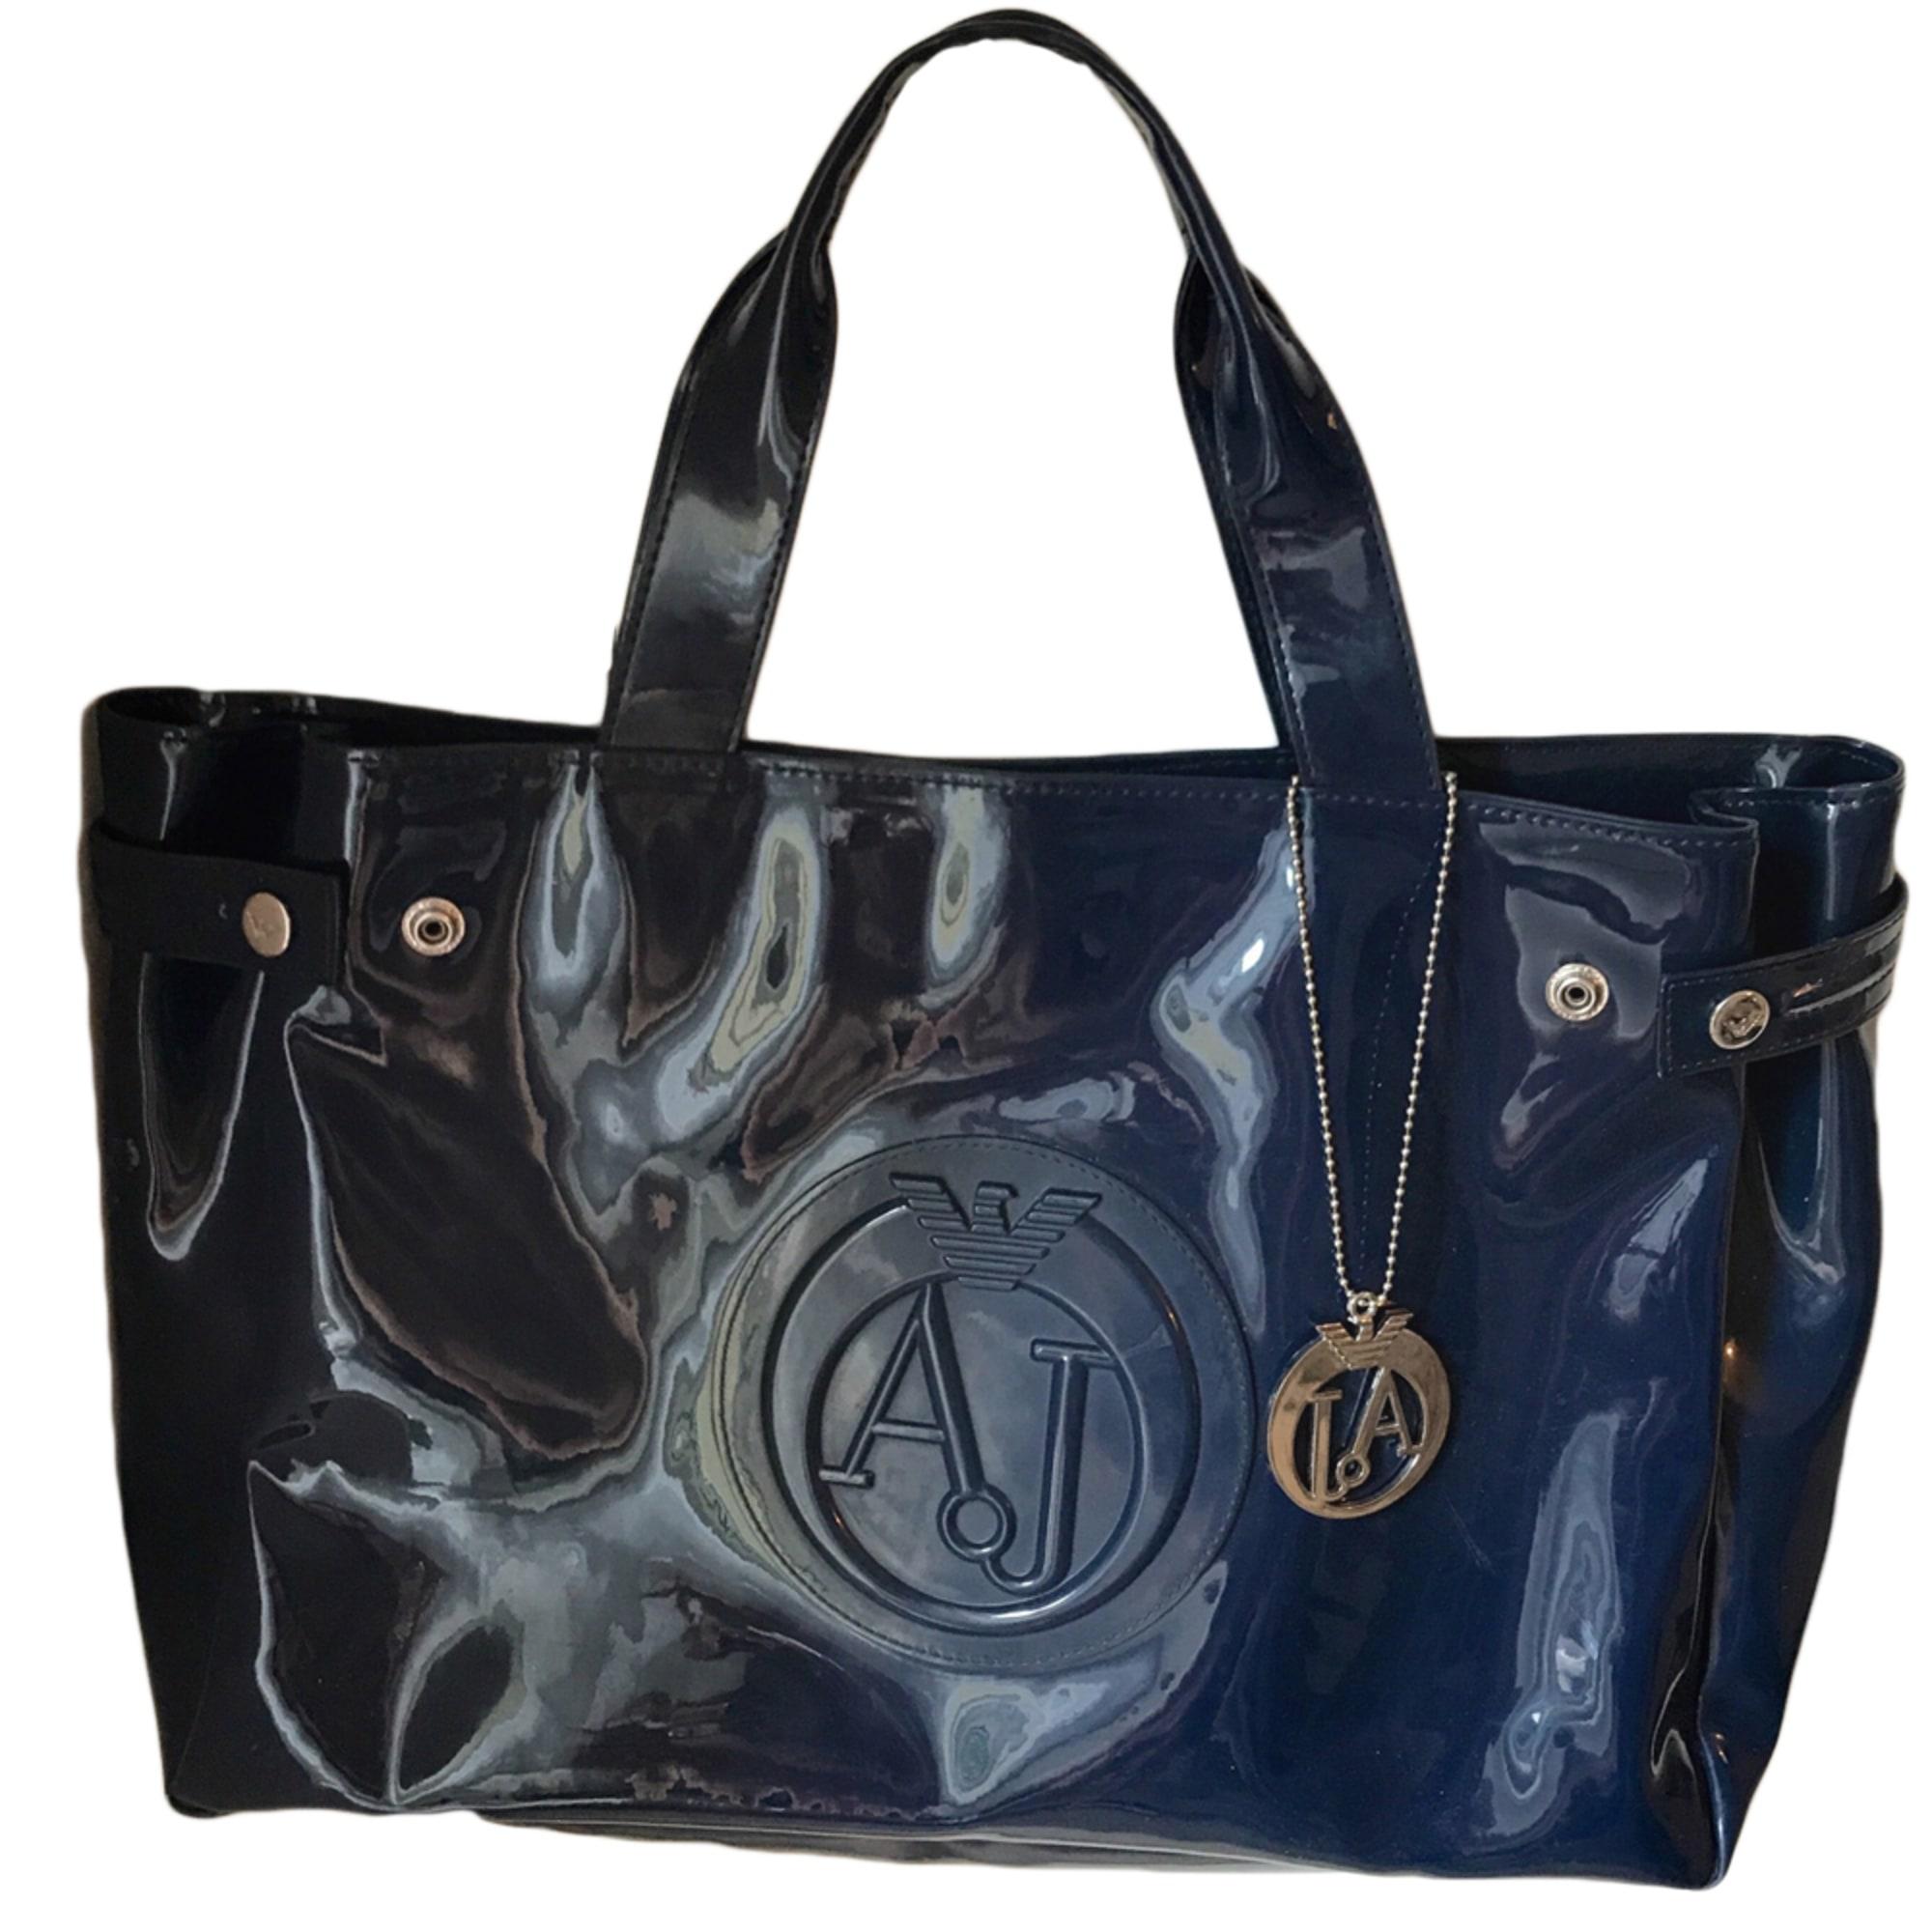 Sac à main en cuir ARMANI JEANS bleu vendu par Charlottea 20 - 6693389 d99b38e383d